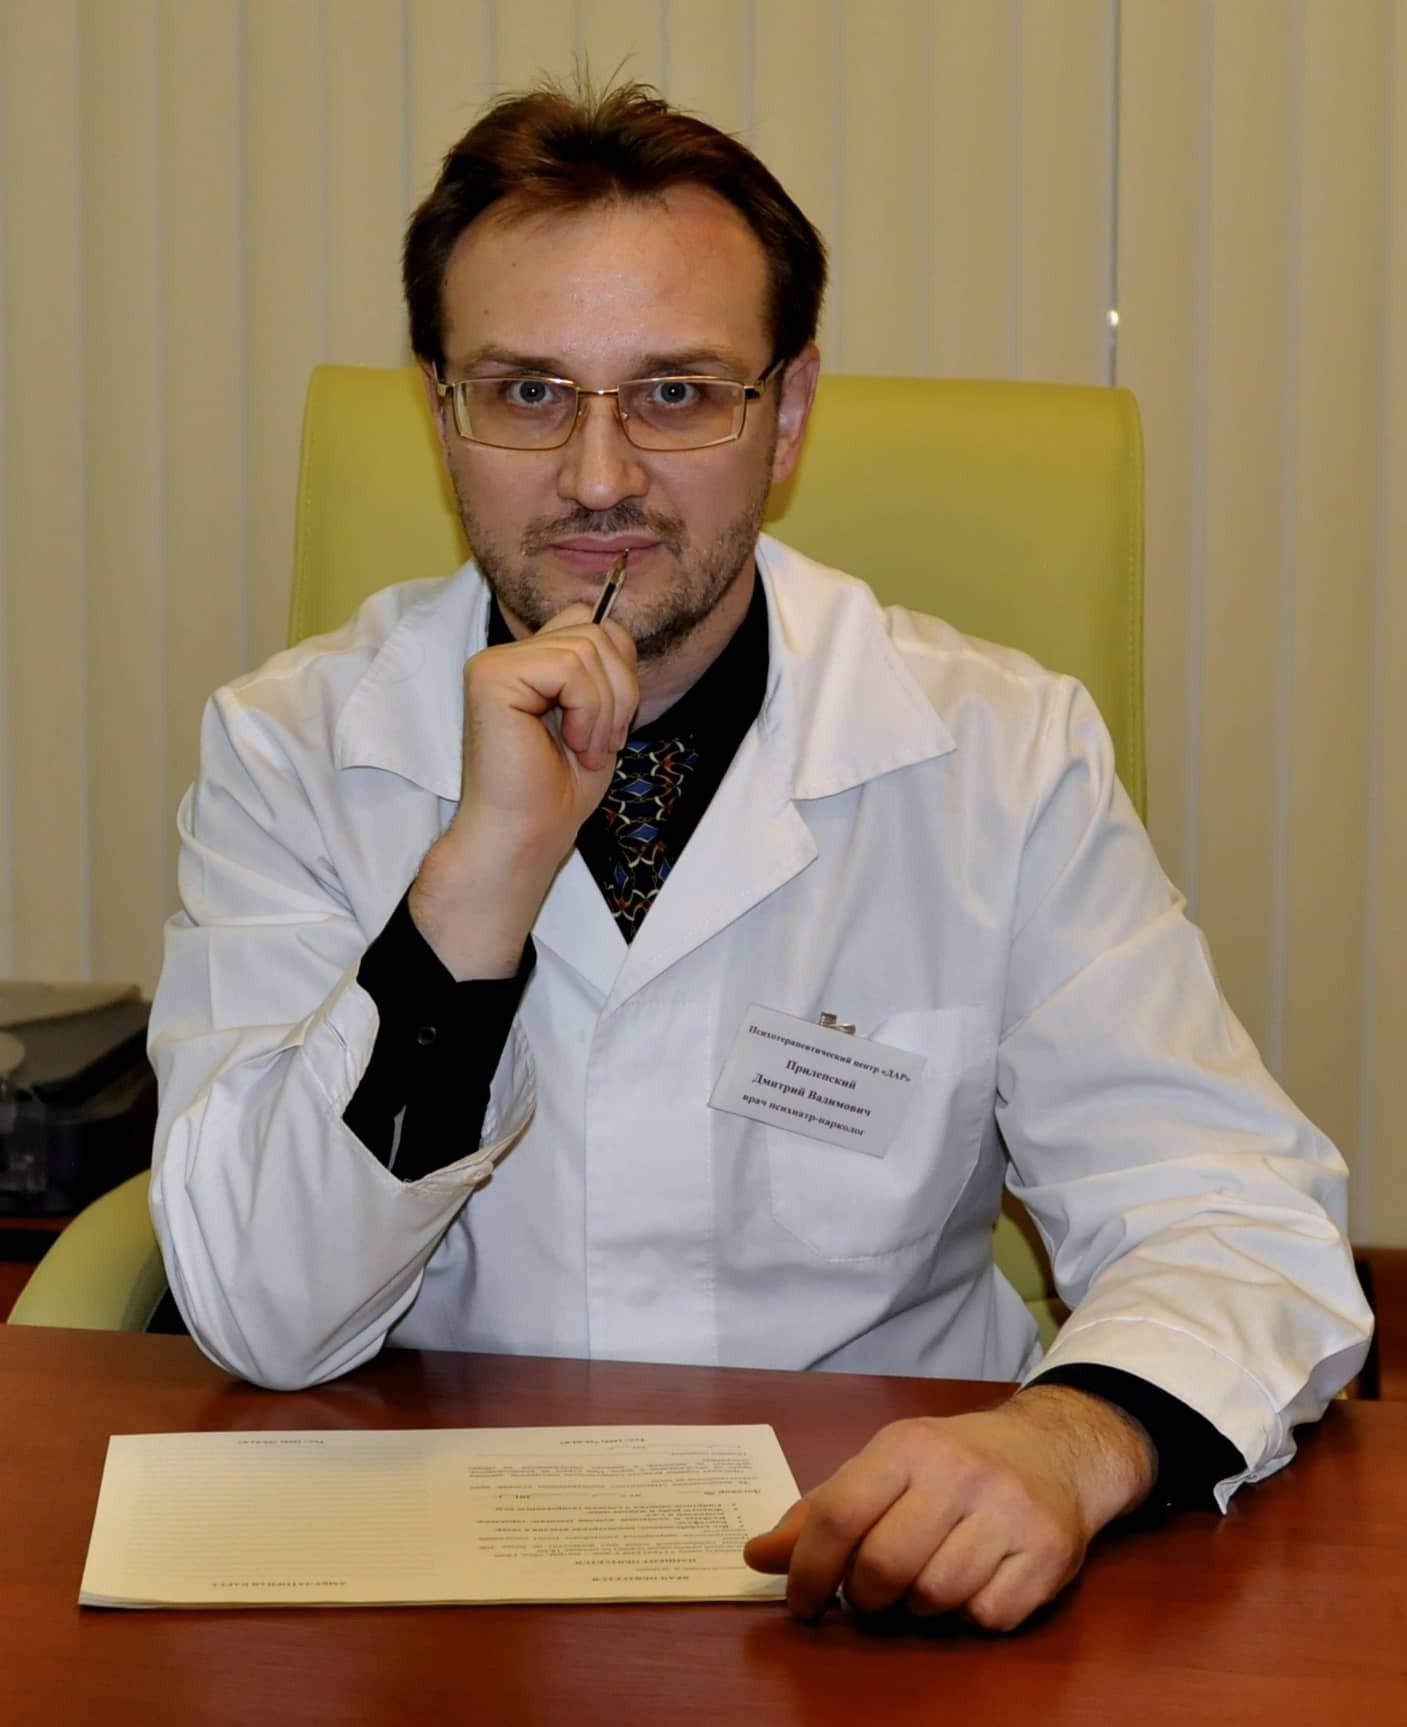 Дмитрий Прилепский, психиатр-нарколог психотерапевтического центра «ДАР»: